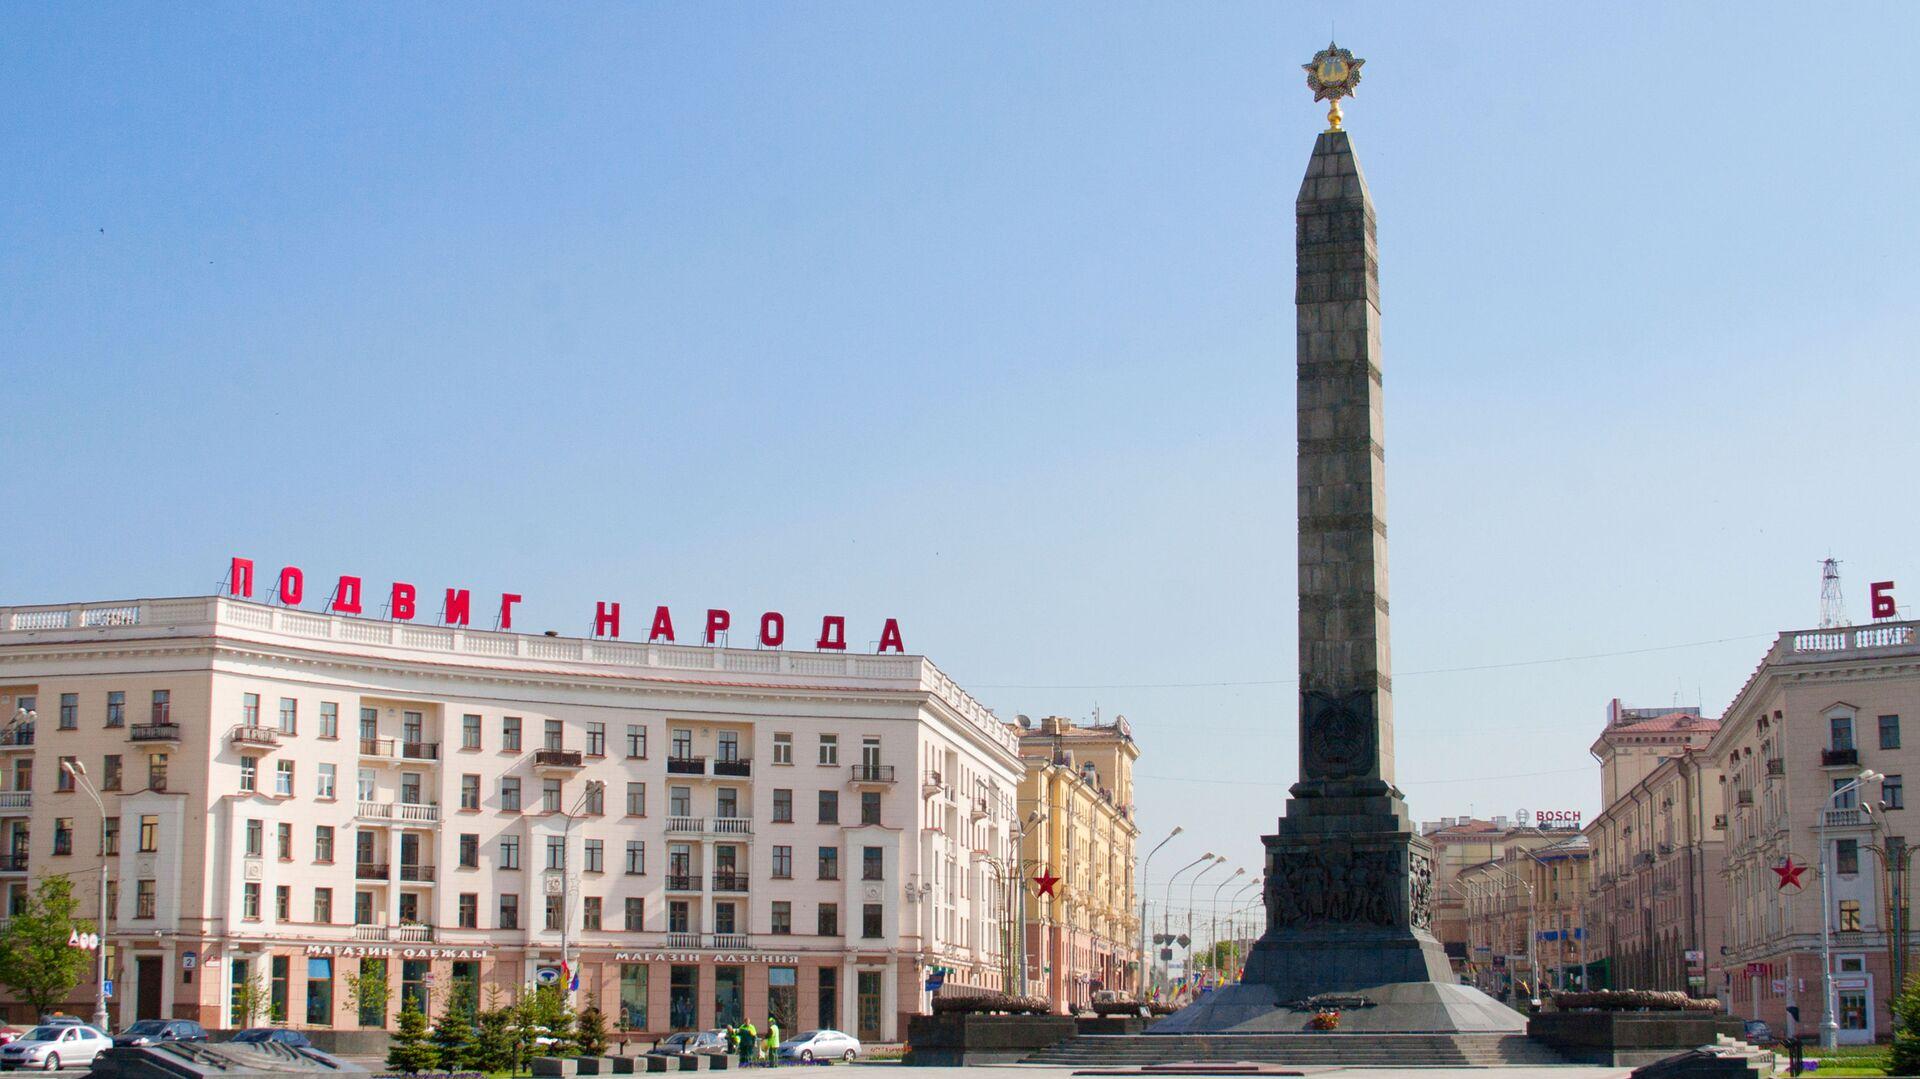 Náměstí v Minsku - Sputnik Česká republika, 1920, 21.06.2021